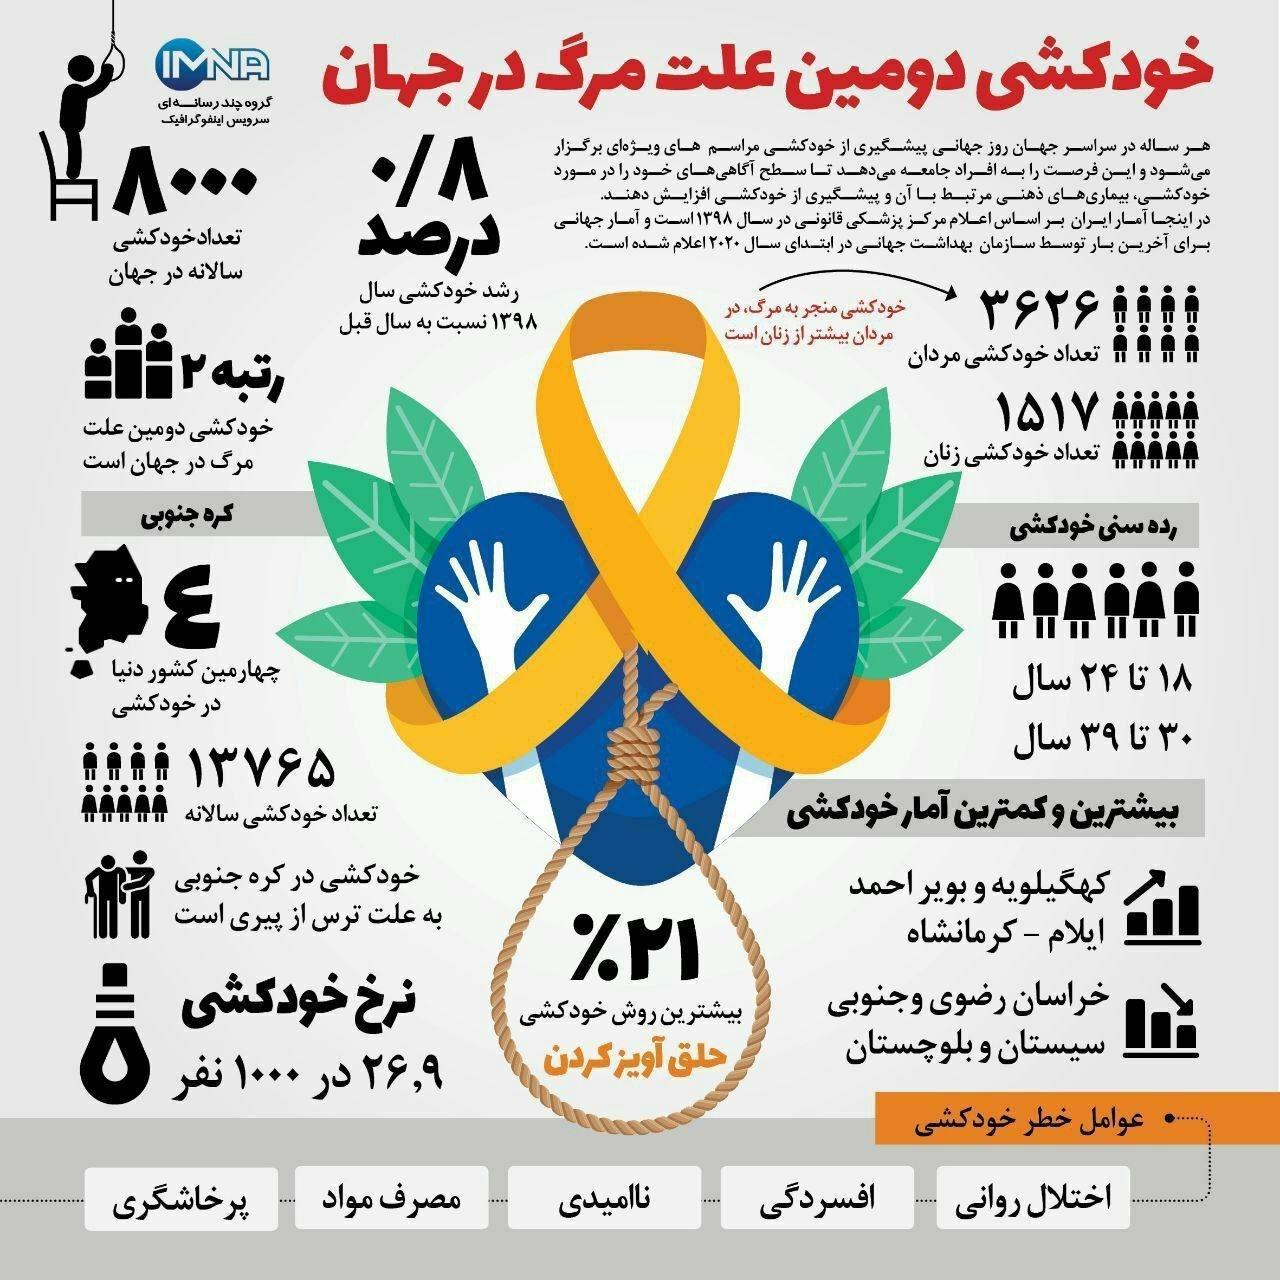 اینفوگرافی: نسبت آمار خودکشی مردان به زنان در ایران